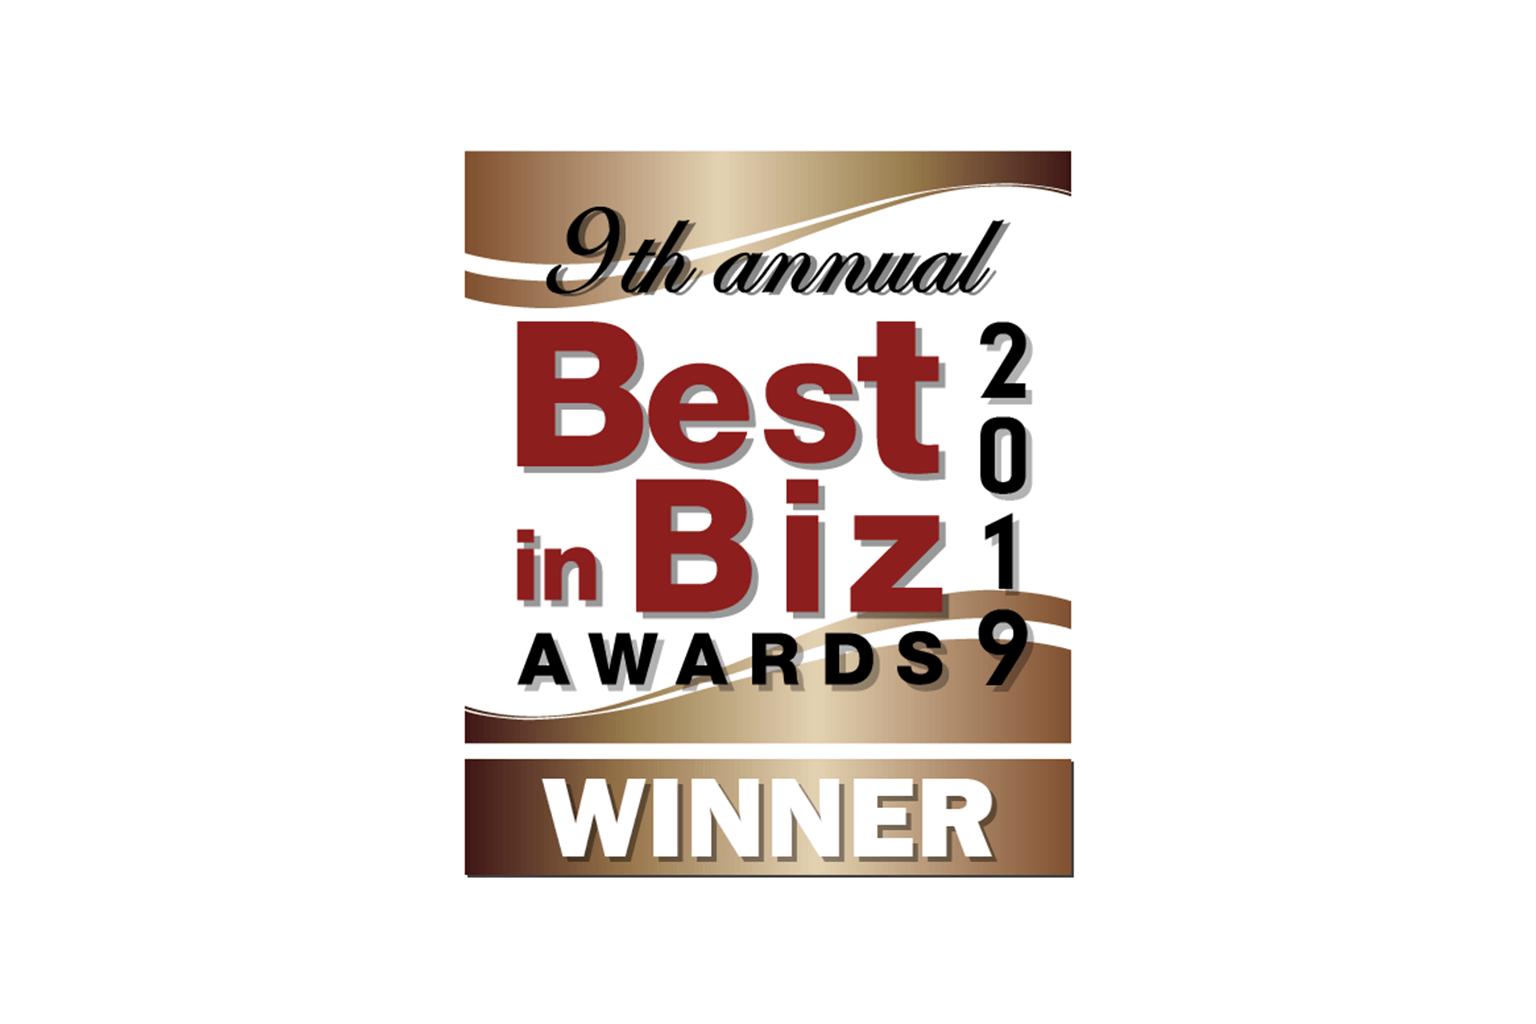 2019 Best in Biz